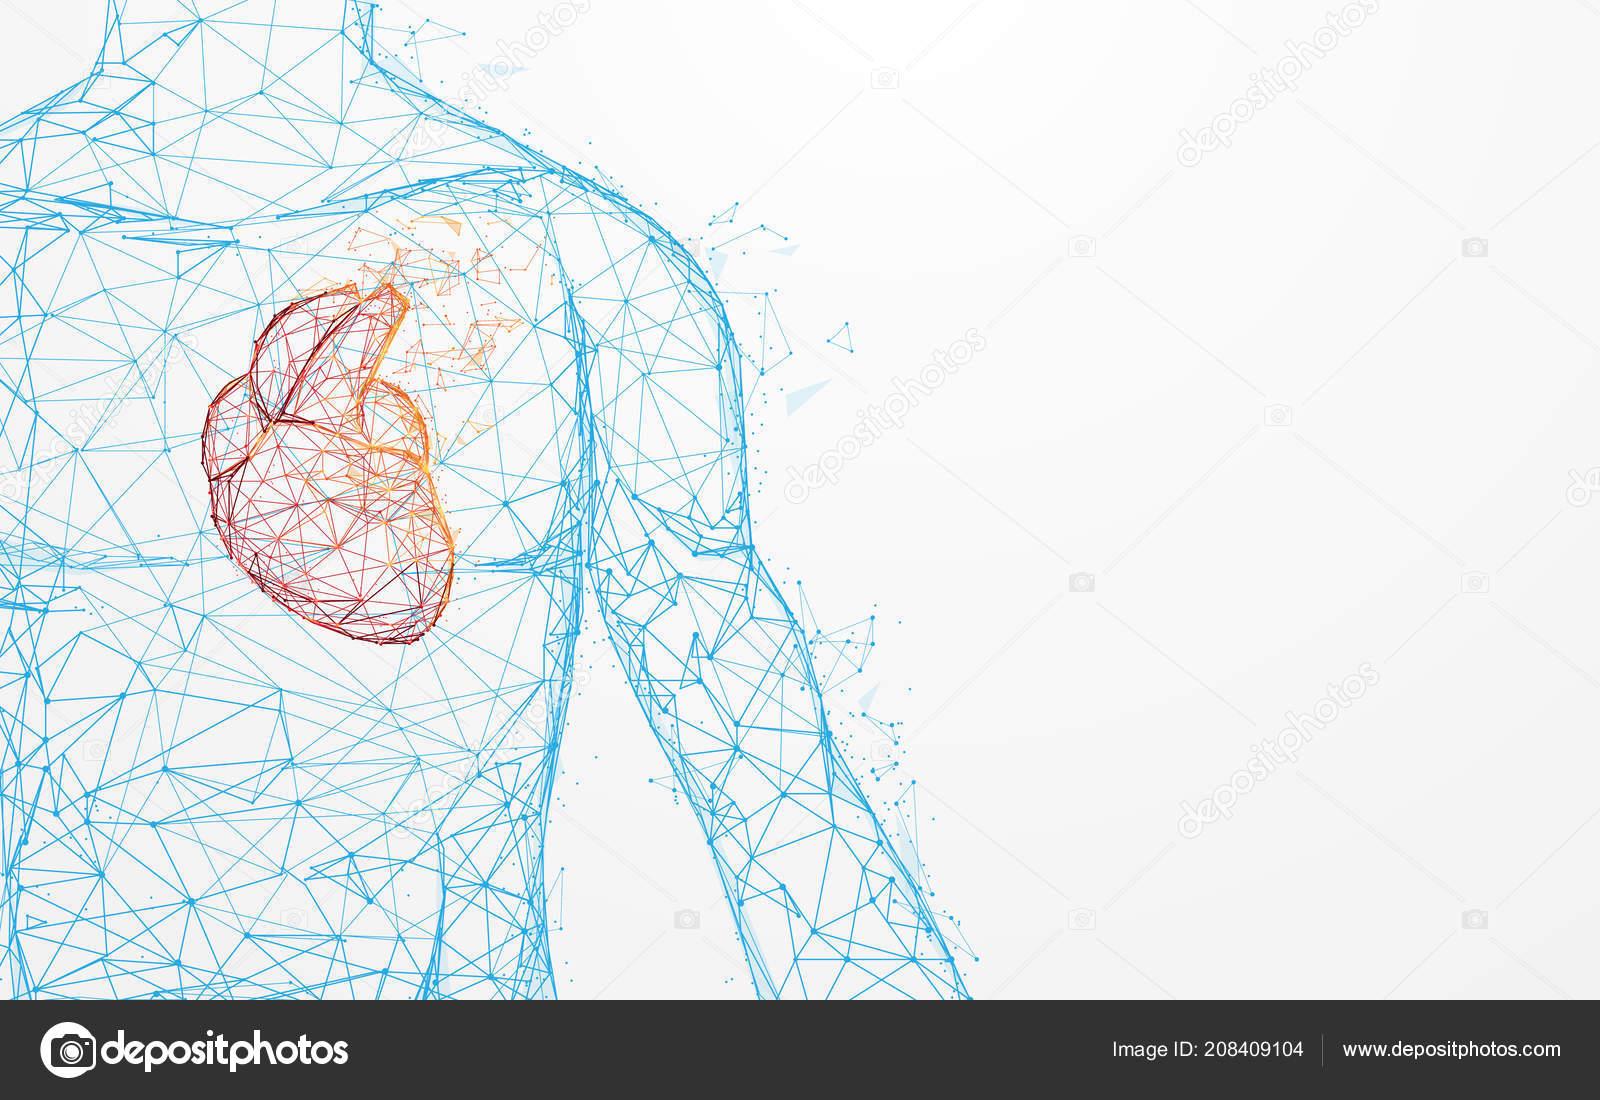 Corazón humano Anatomía forma líneas y triángulos, punto de conexión ...